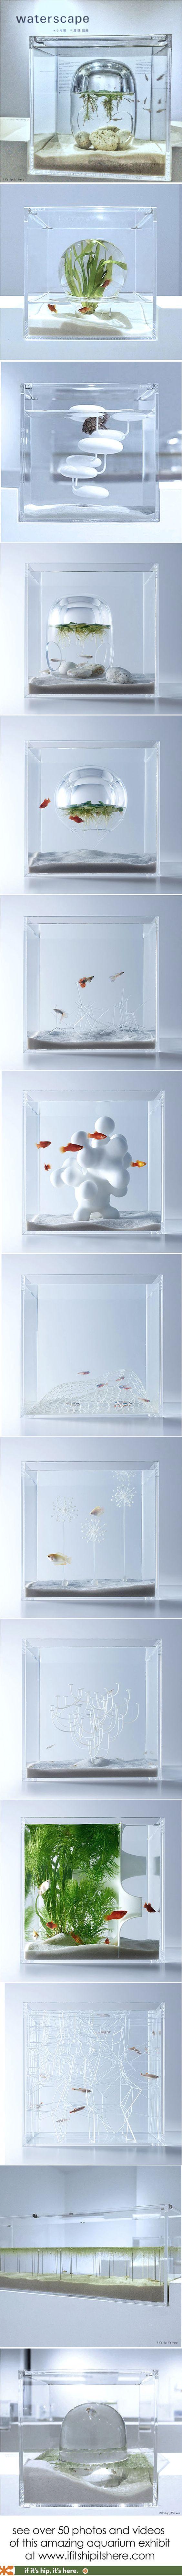 Arte en acuario